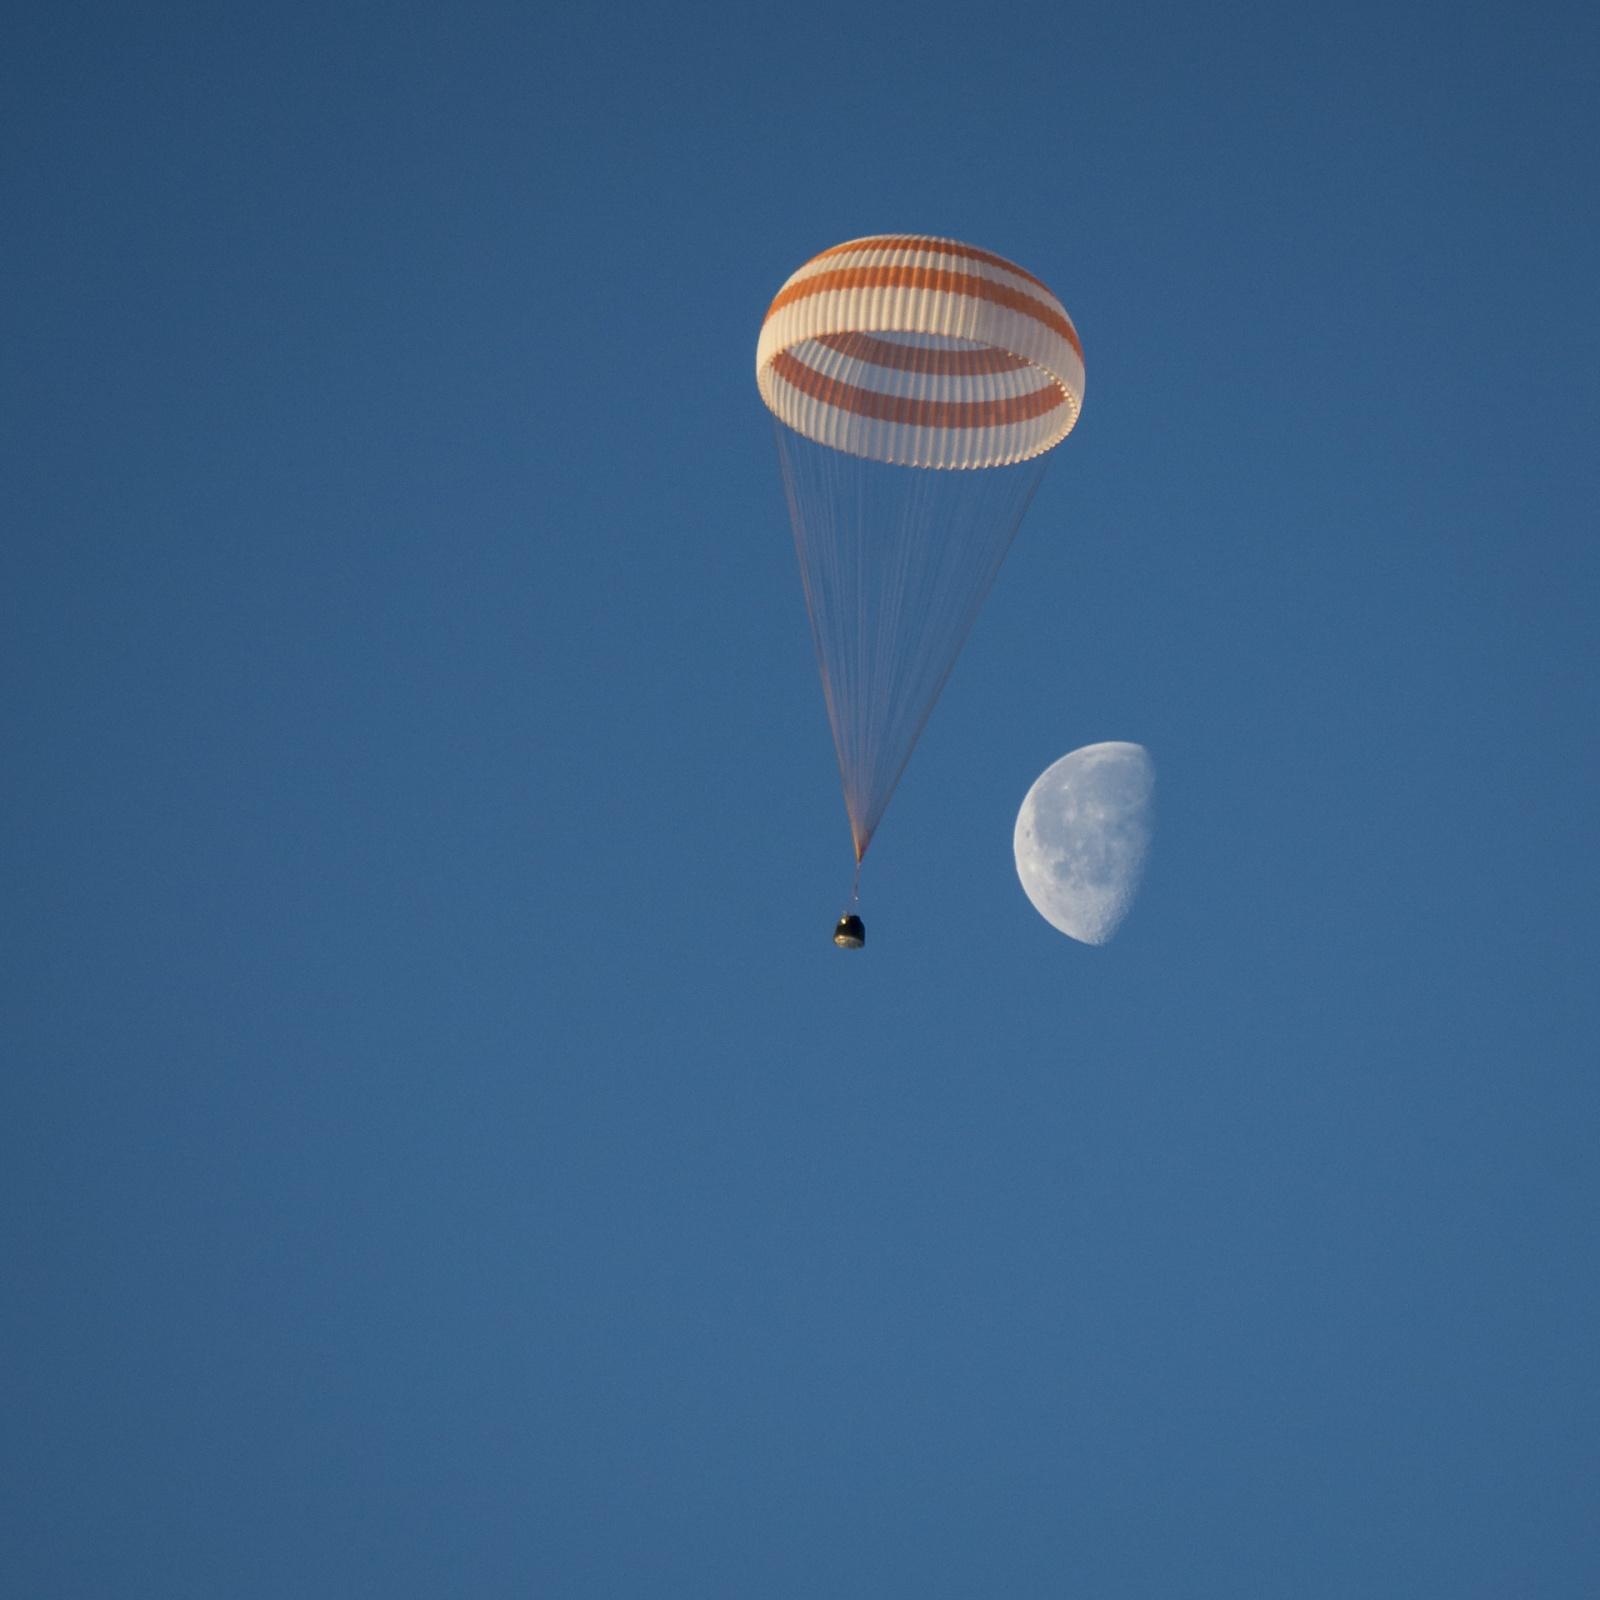 Спускаемая капсула «Союза ТМА-14М» успешно приземлилась в казахстанской степи - 1